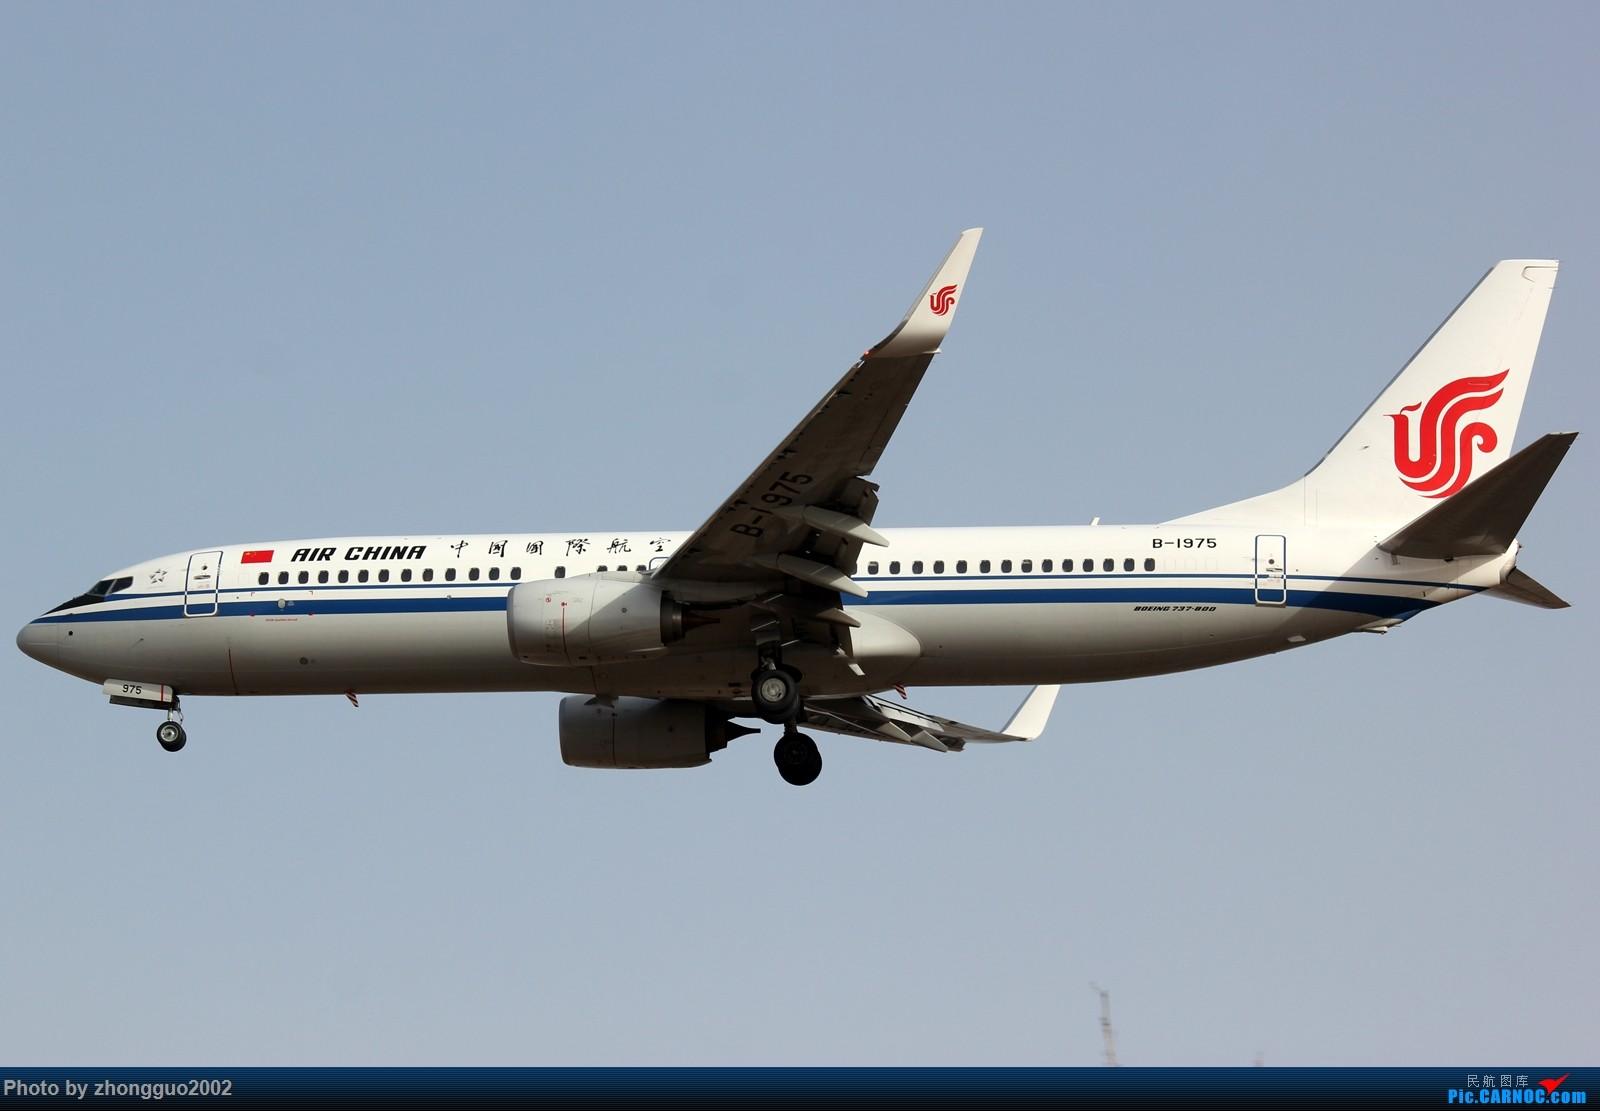 Re:[原创]【BLDDQ--深圳打机队】发小飞机盖楼贴,凡跟帖1字开头大陆民航飞机图的,每图五架小飞机不重复 BOEING 737-800 B-1975 中国北京首都国际机场